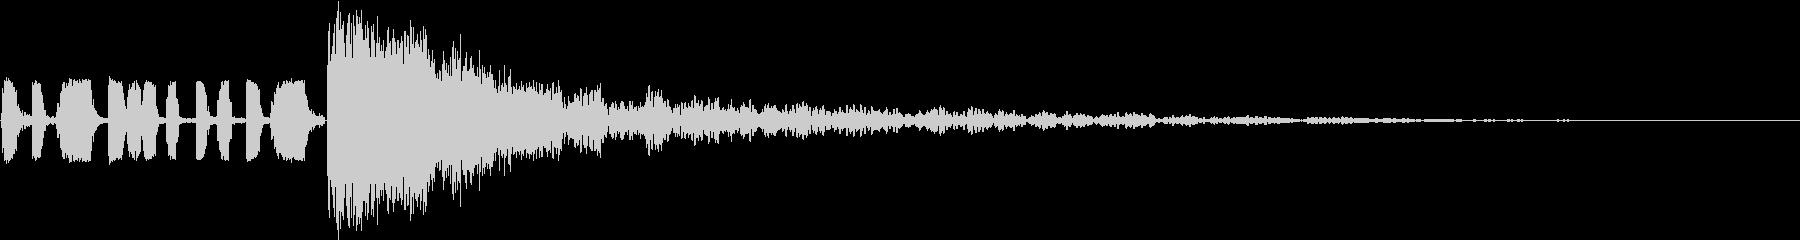 ラッシュミービニールスタイルの未再生の波形